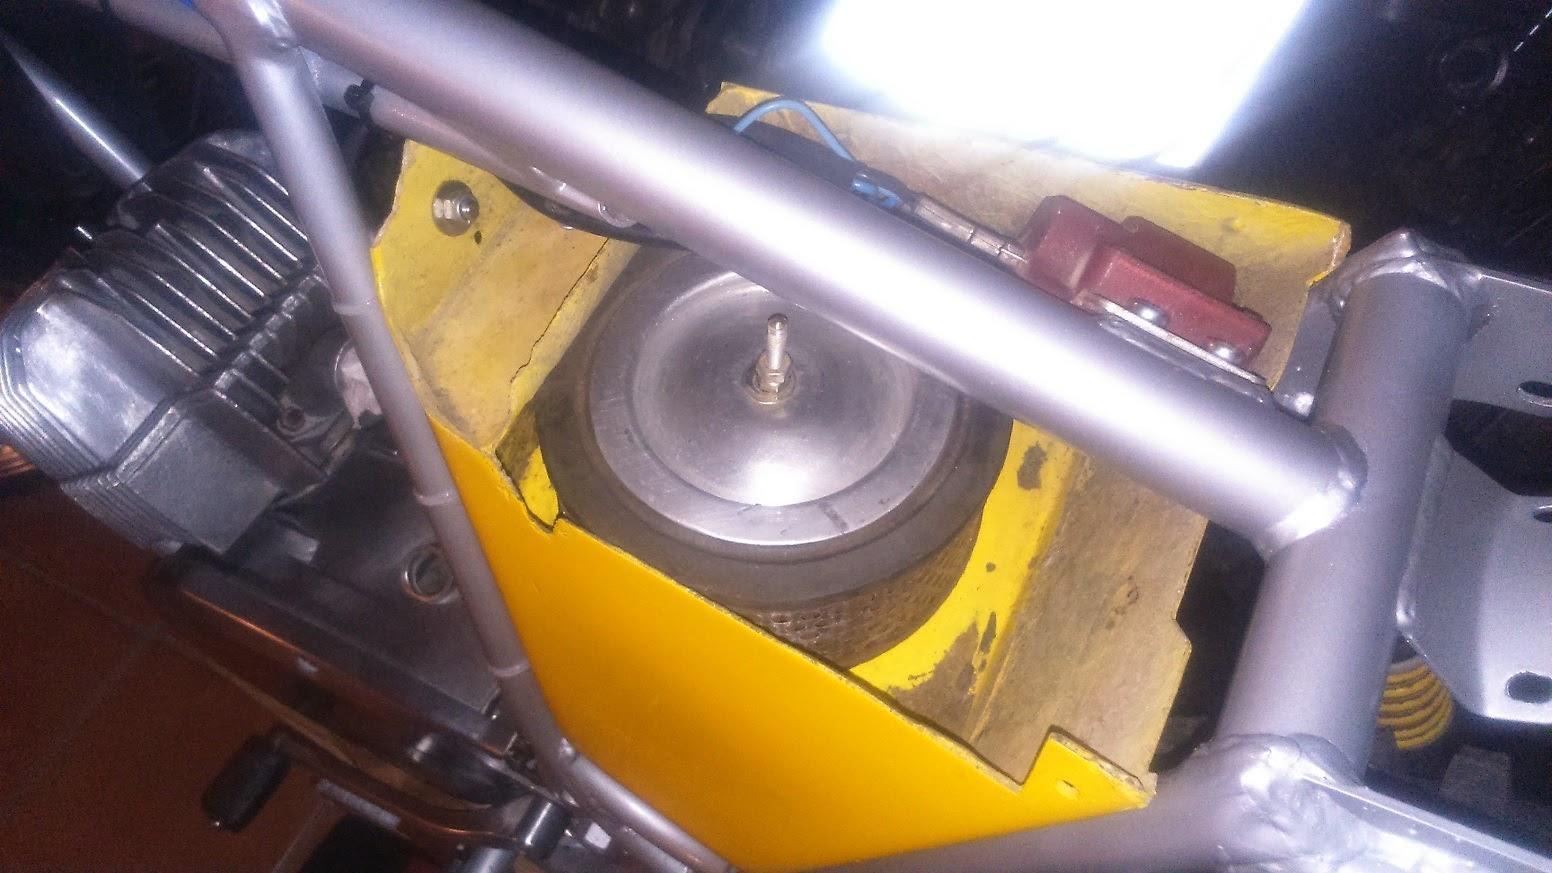 Puch Cobra MC 75 Cross QmM4DPS41MtFGKsjkUFZnssY2JBn3mgjJEUMFQaNtF4=w1552-h873-no